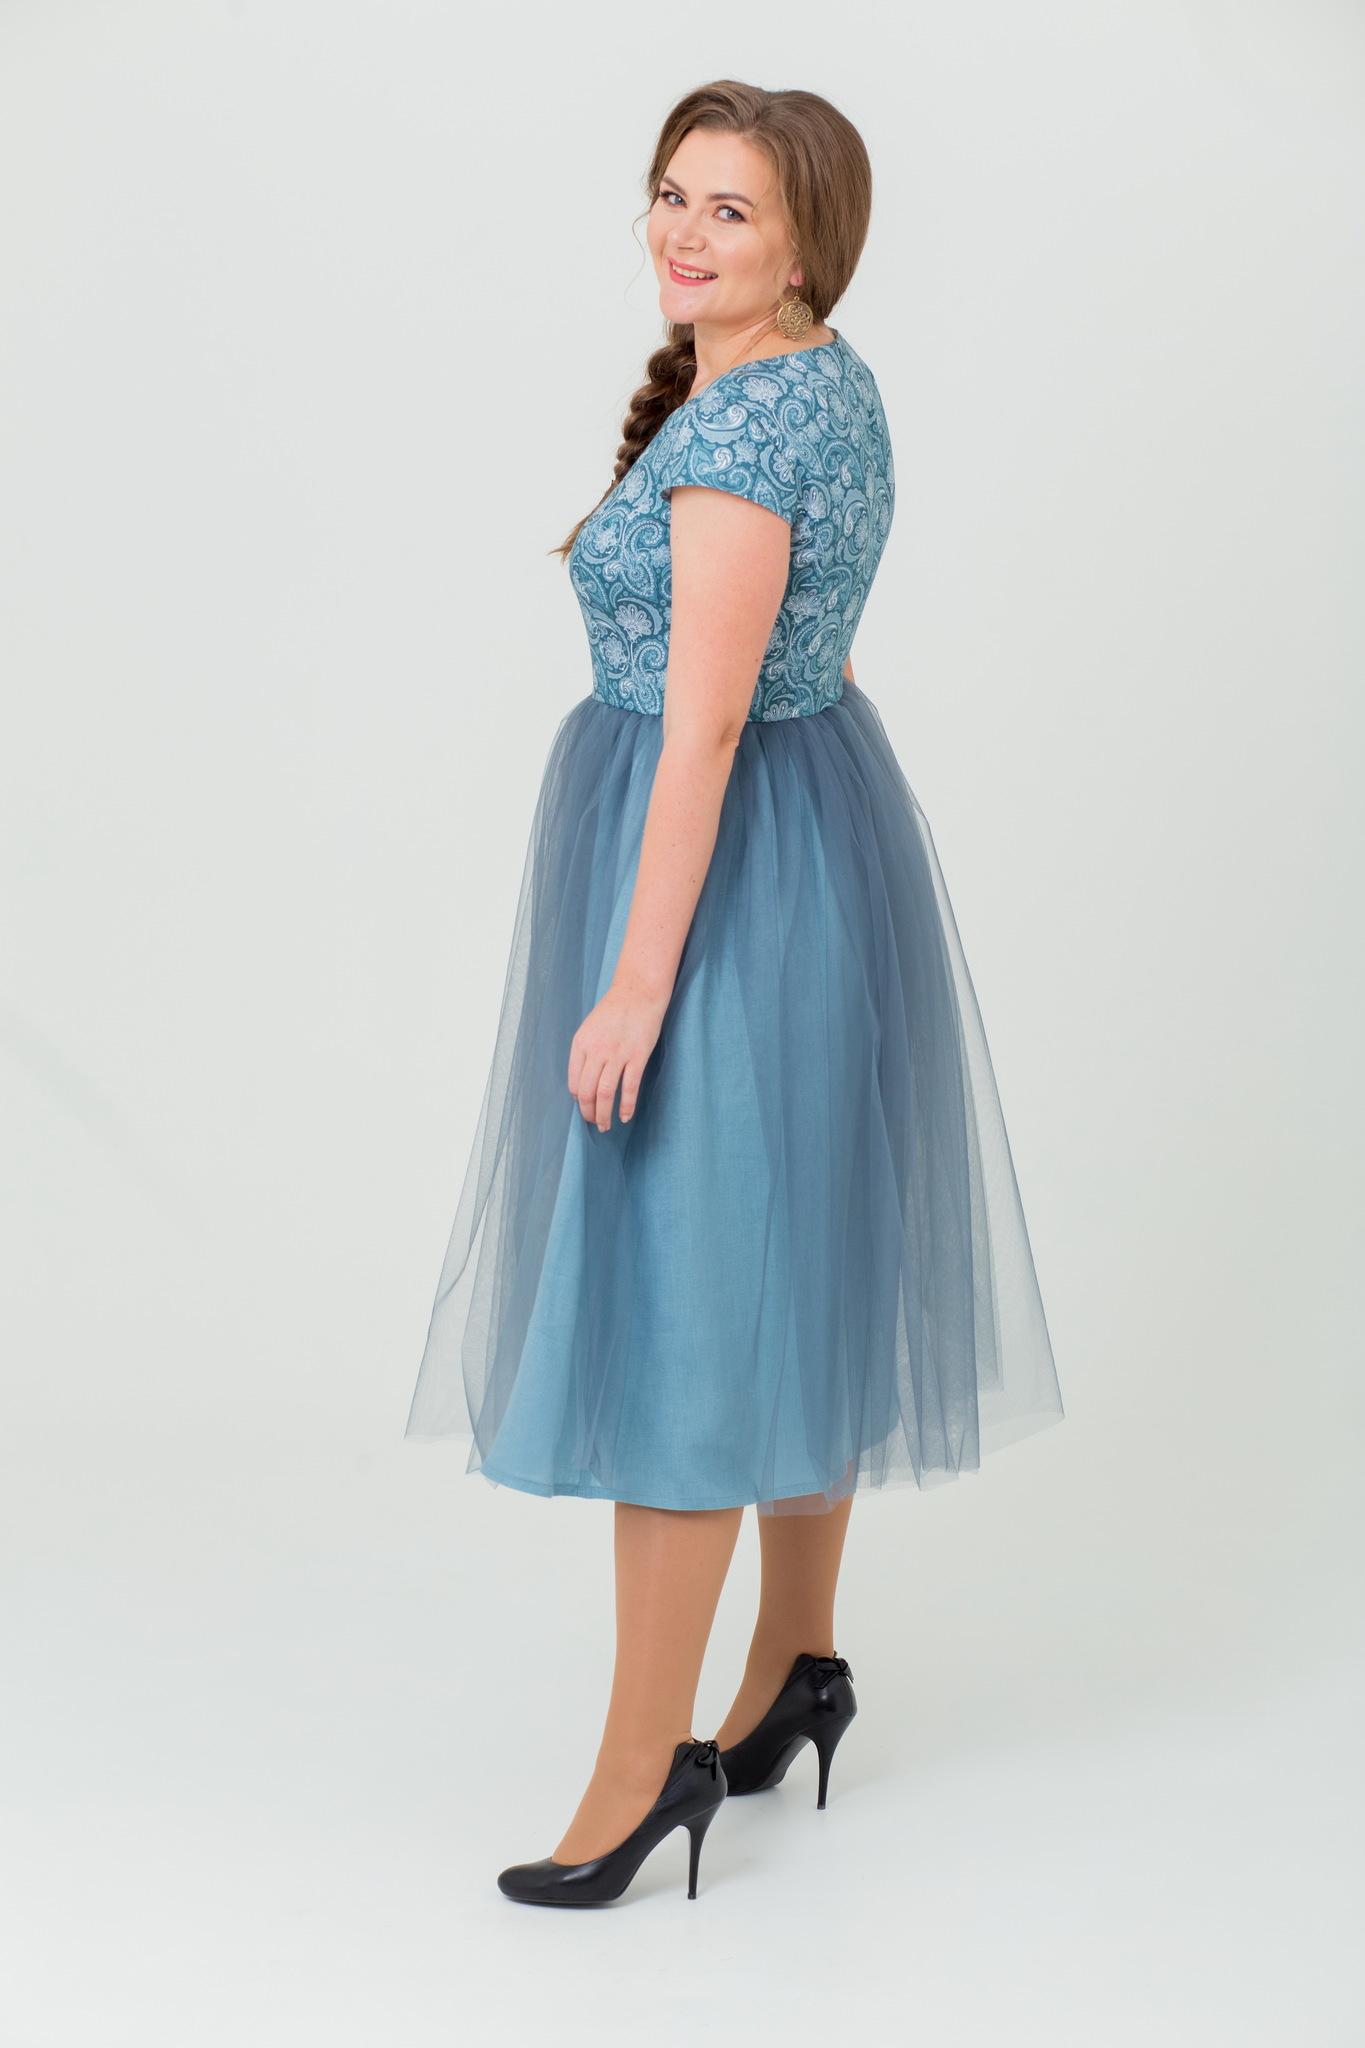 Вечернее платье от Иванки в русском стиле